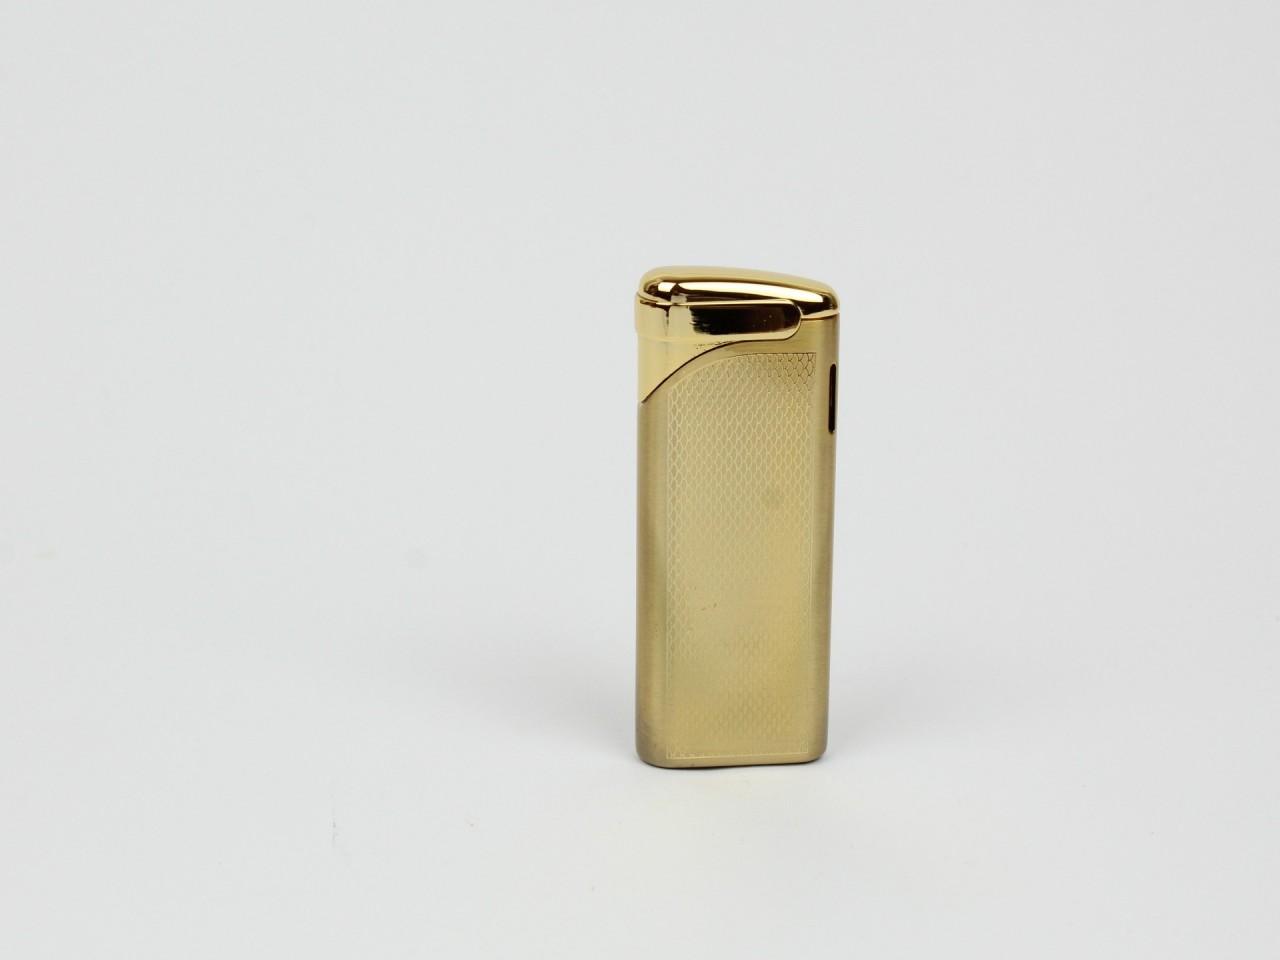 Sarome Feuerzeug gold antique